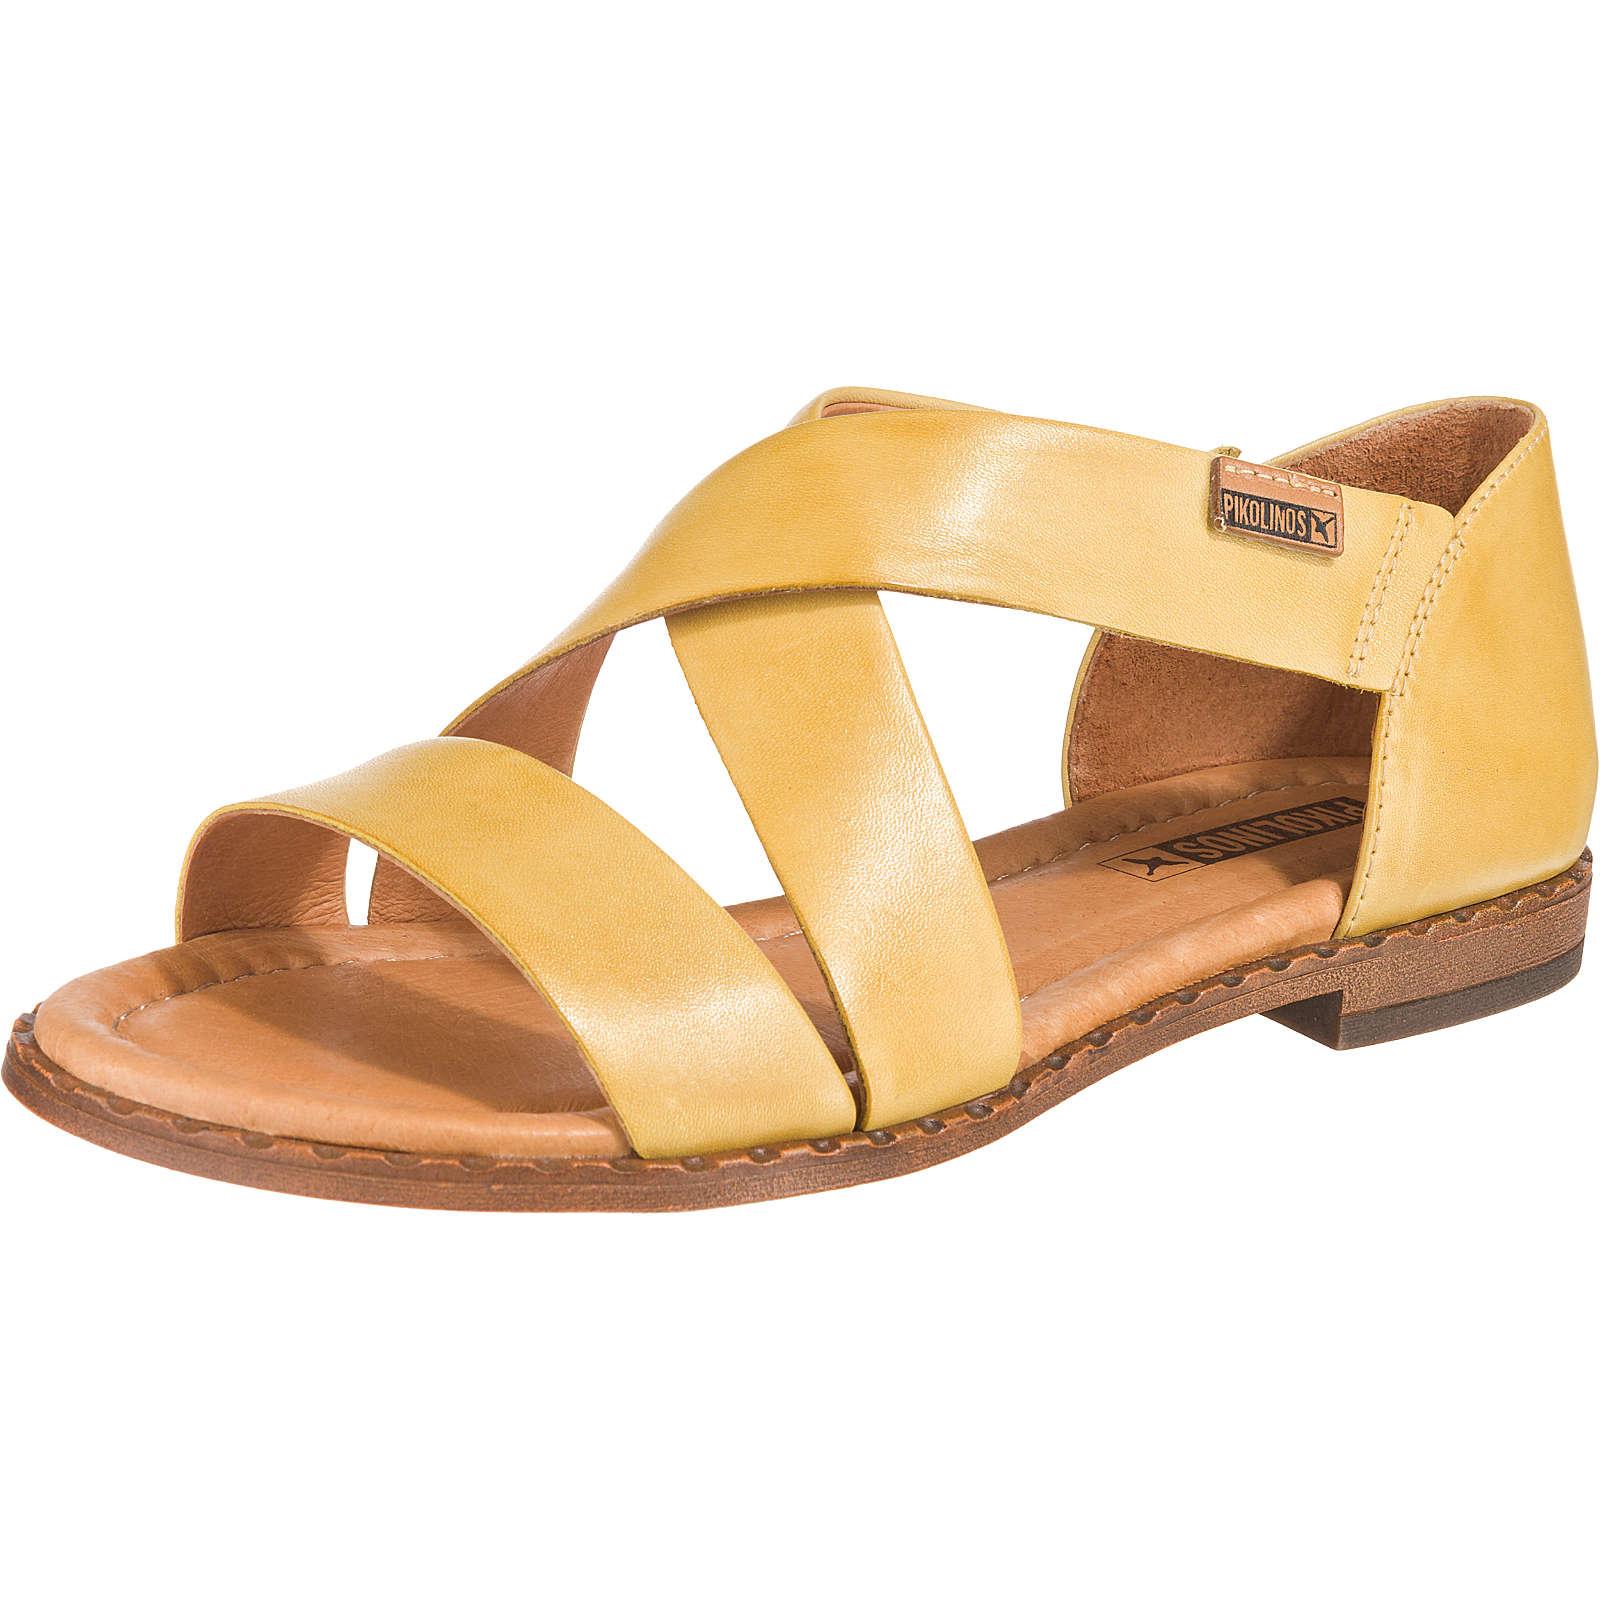 Pikolinos ALGAR Komfort-Sandalen gelb Damen Gr. 37